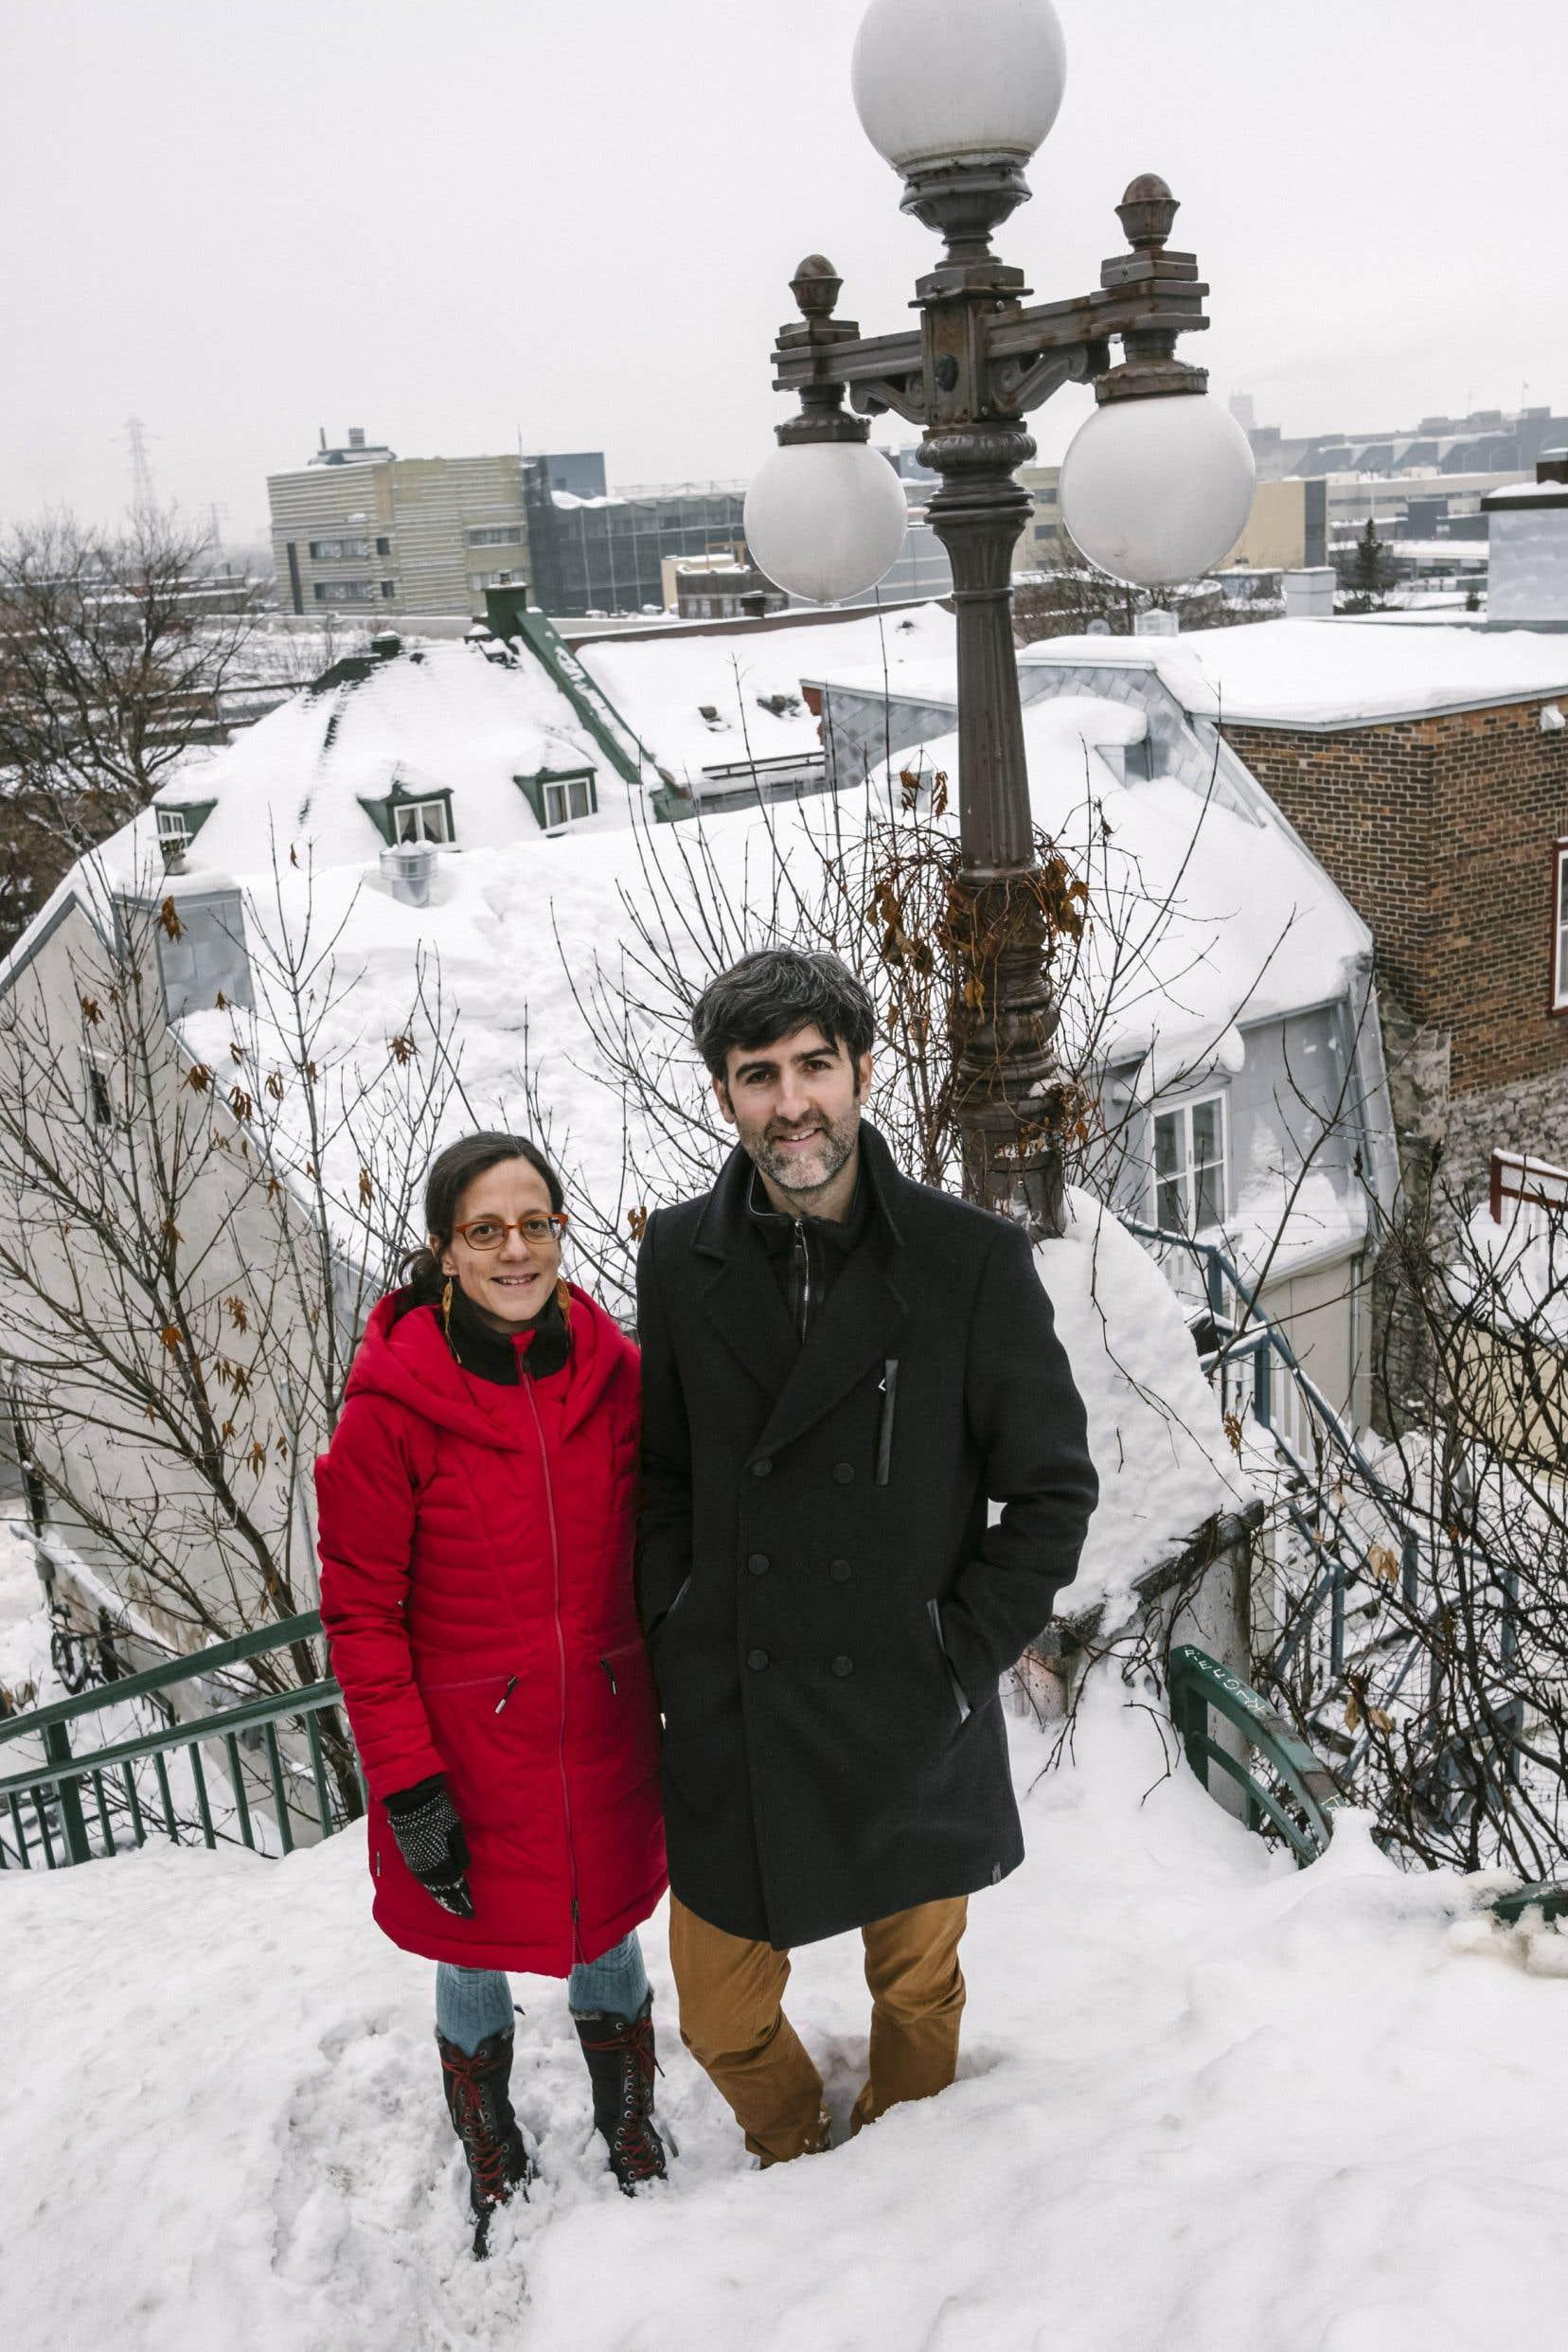 La rédactrice en chef, Suzie Genest, et le fondateur de MonQuartier.quebec, Arnaud Bertrand